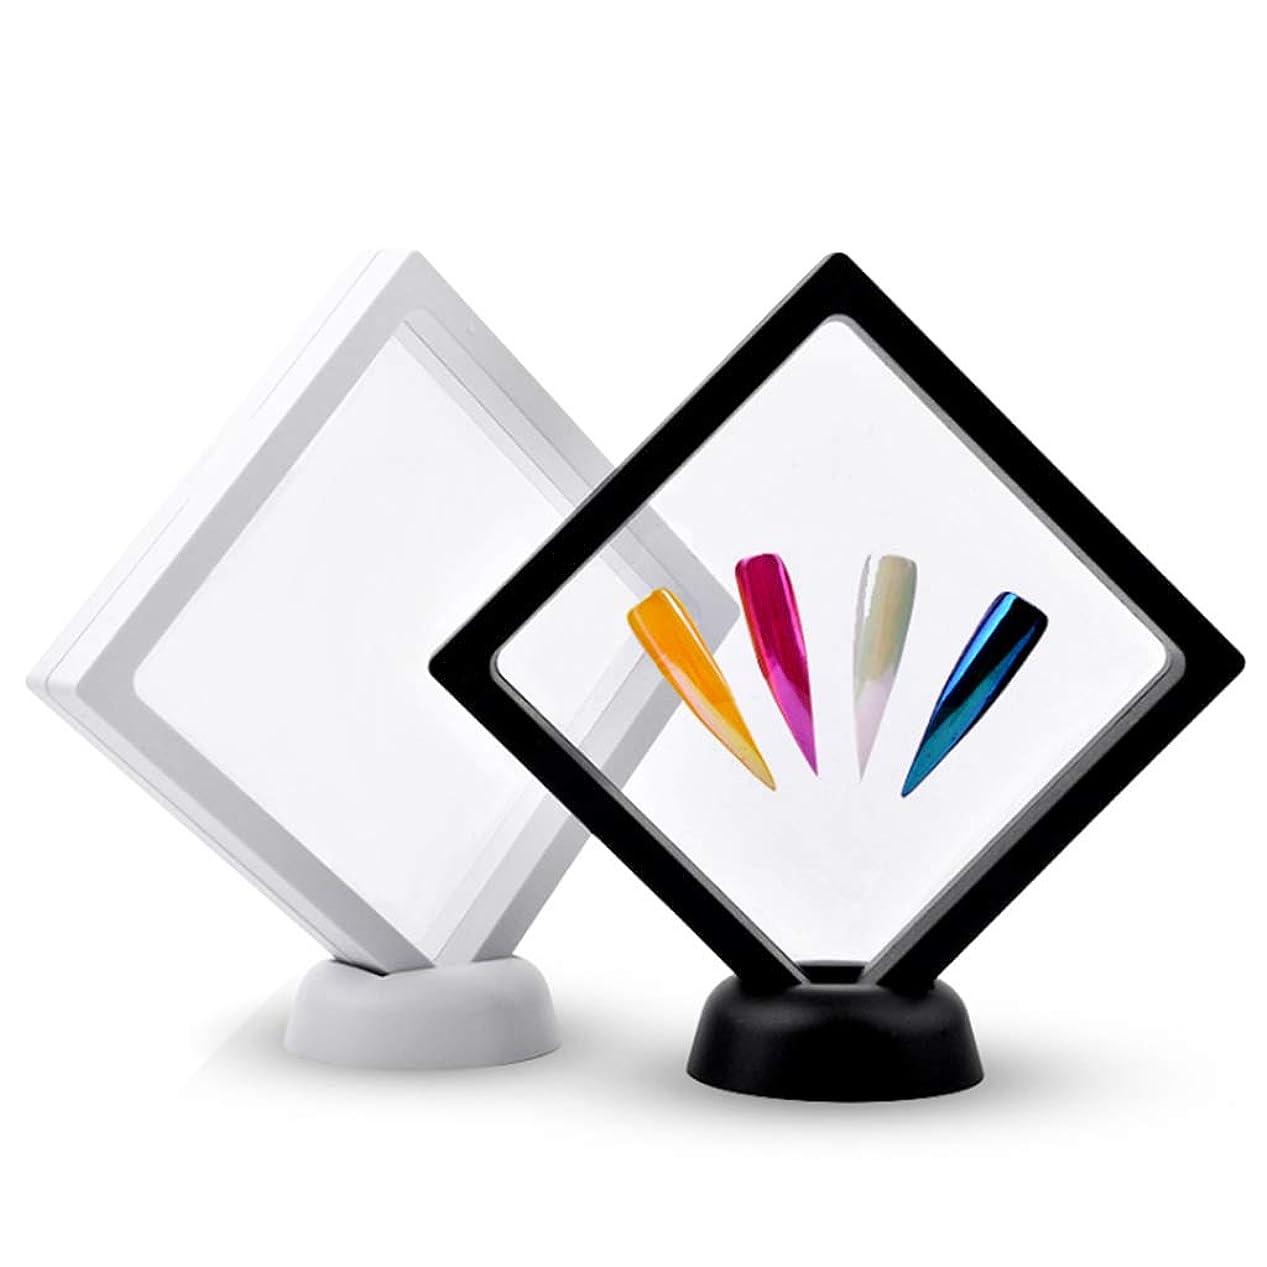 ホット上げる話すDYNWAVE 作品ネイルアートディスプレイパネル 透明 2本セット